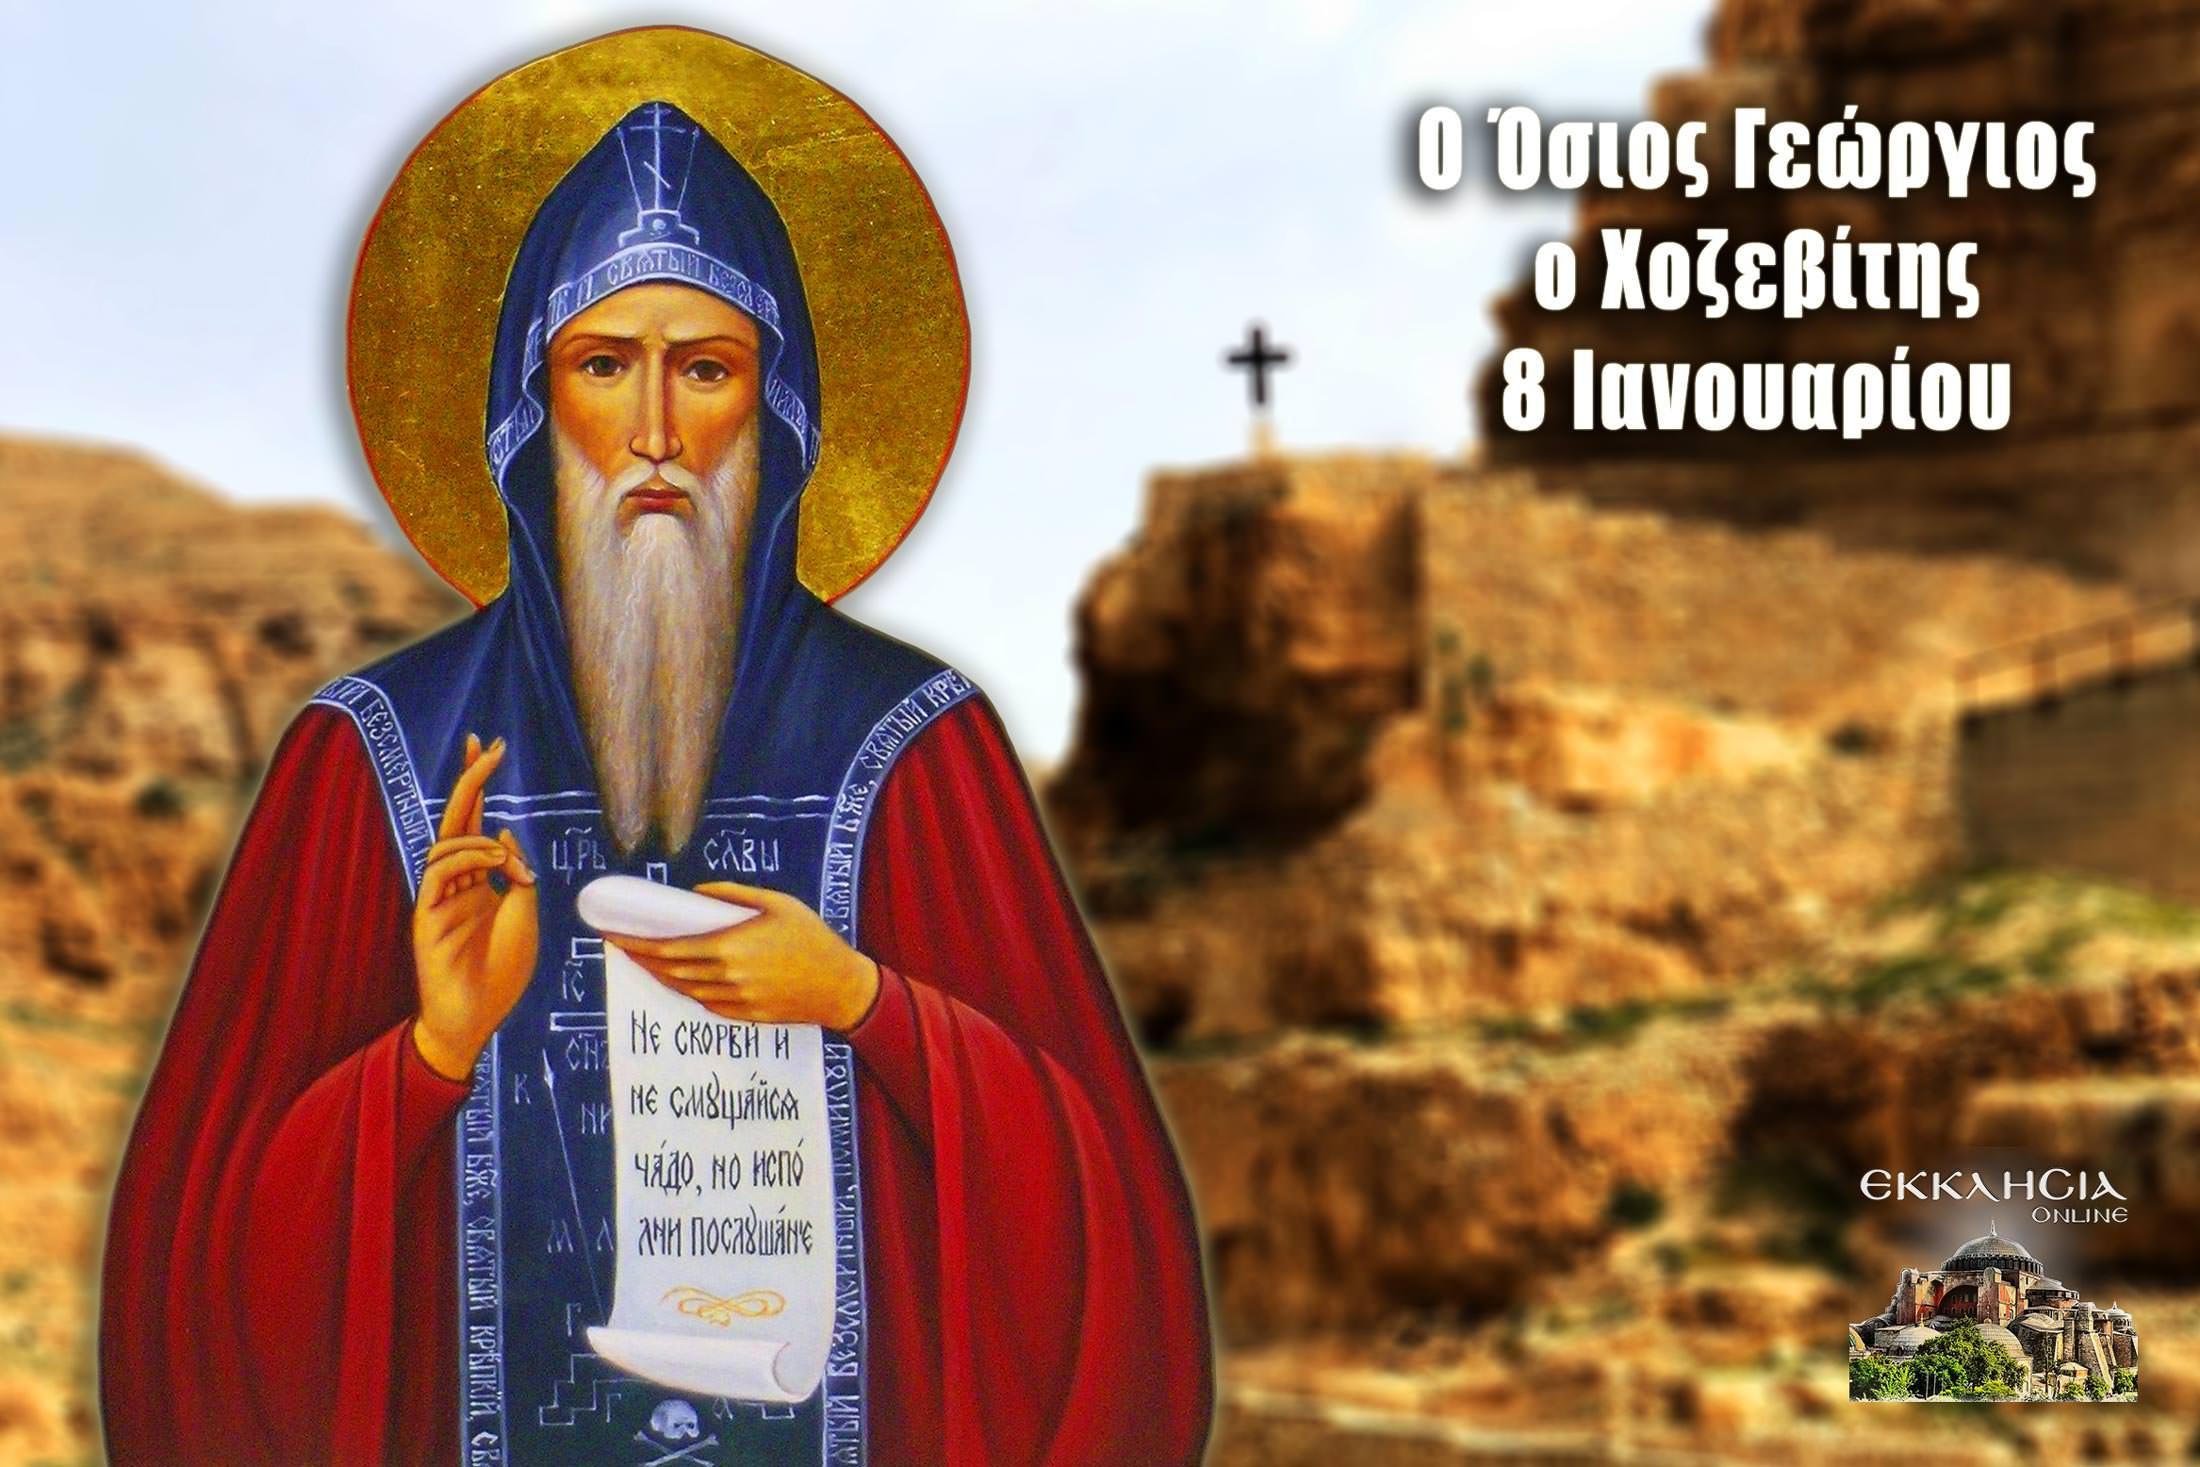 Όσιος Γεώργιος 8 Ιανουαρίου